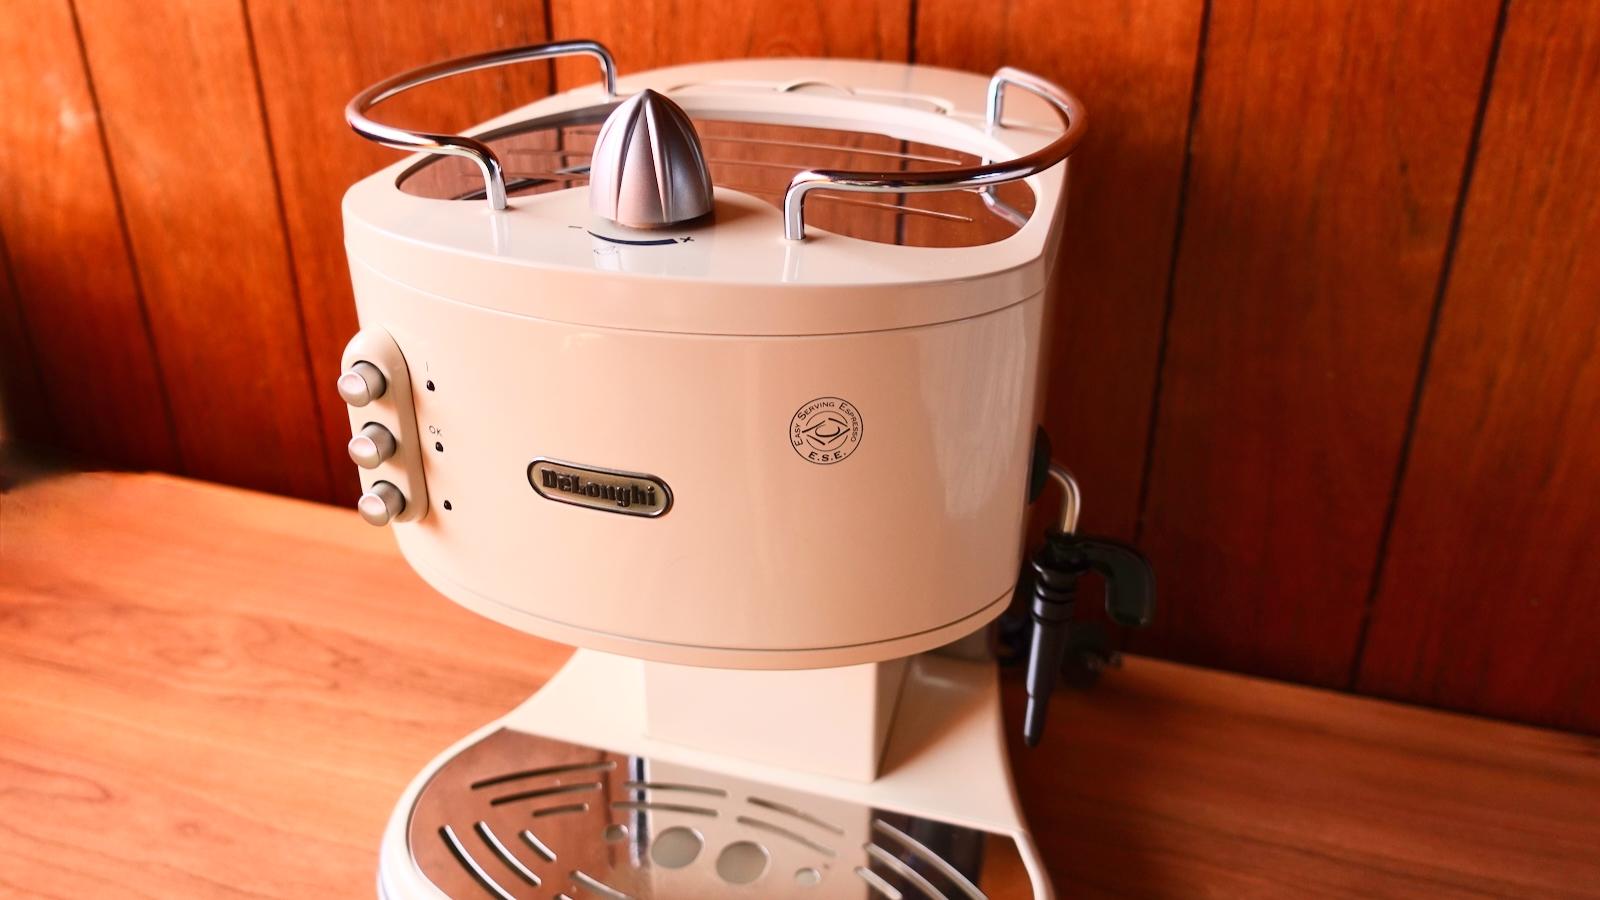 Delonghi Espresso Machine ECM300J